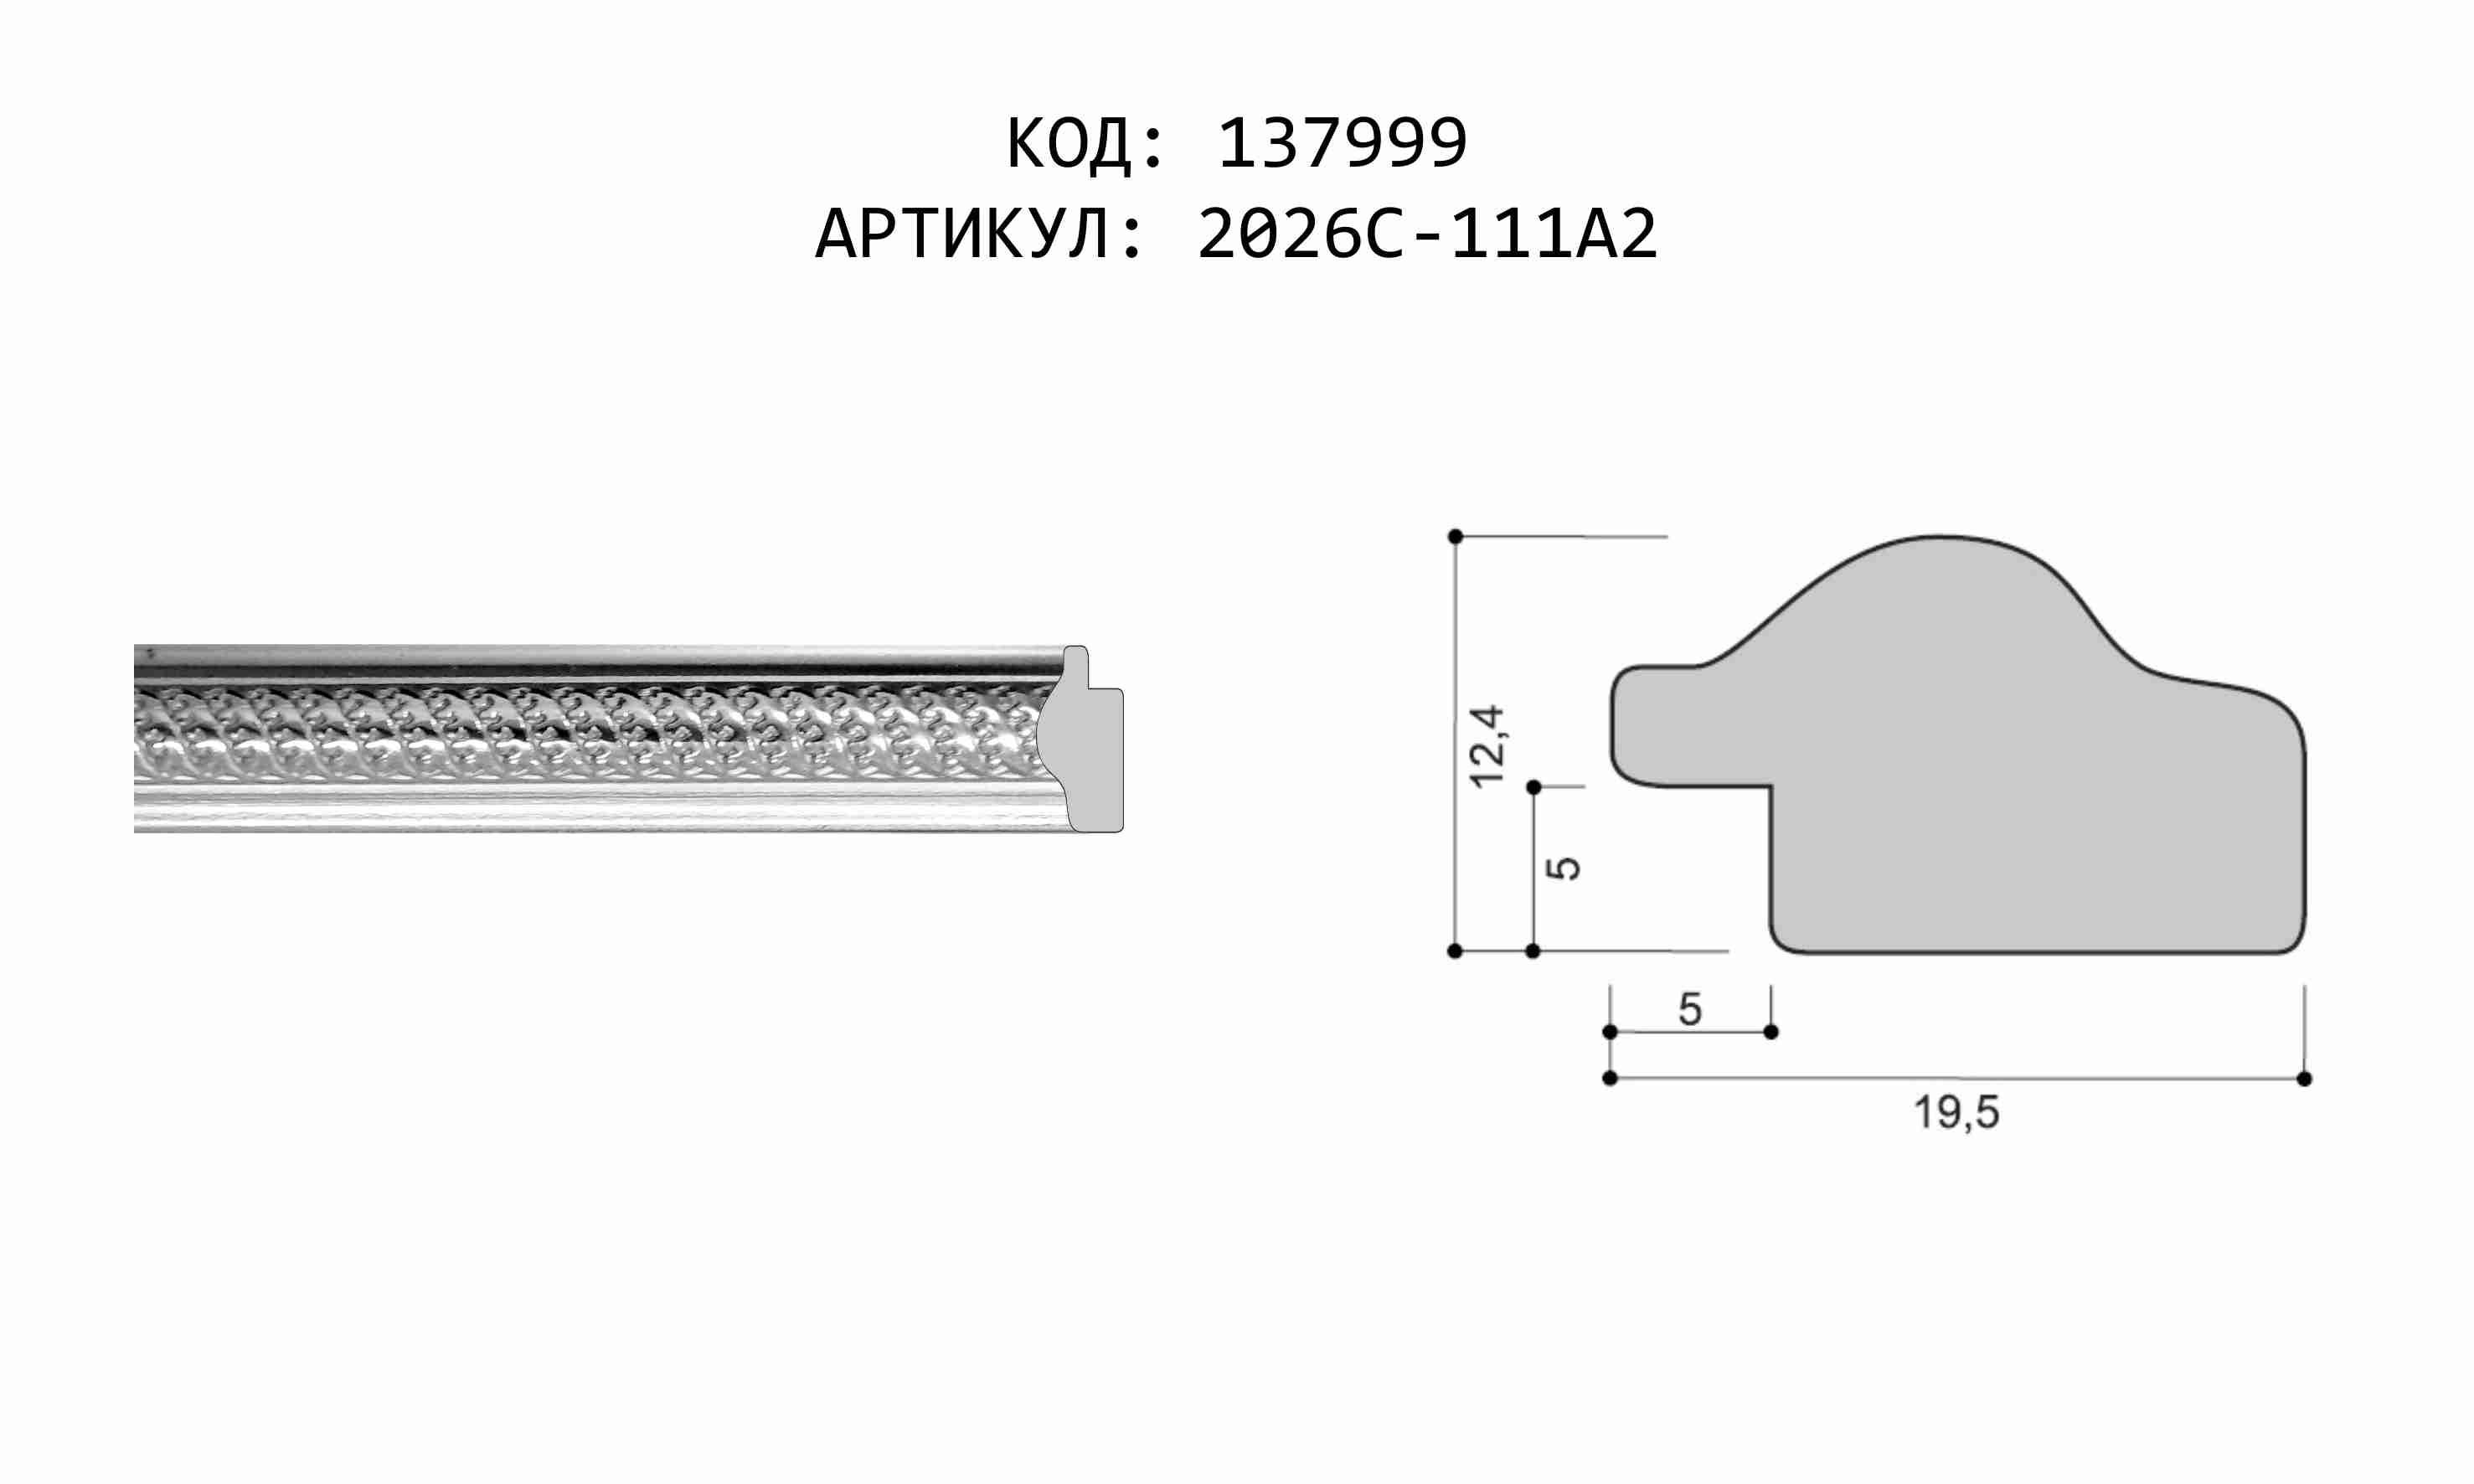 Артикул: 2026C-111A2